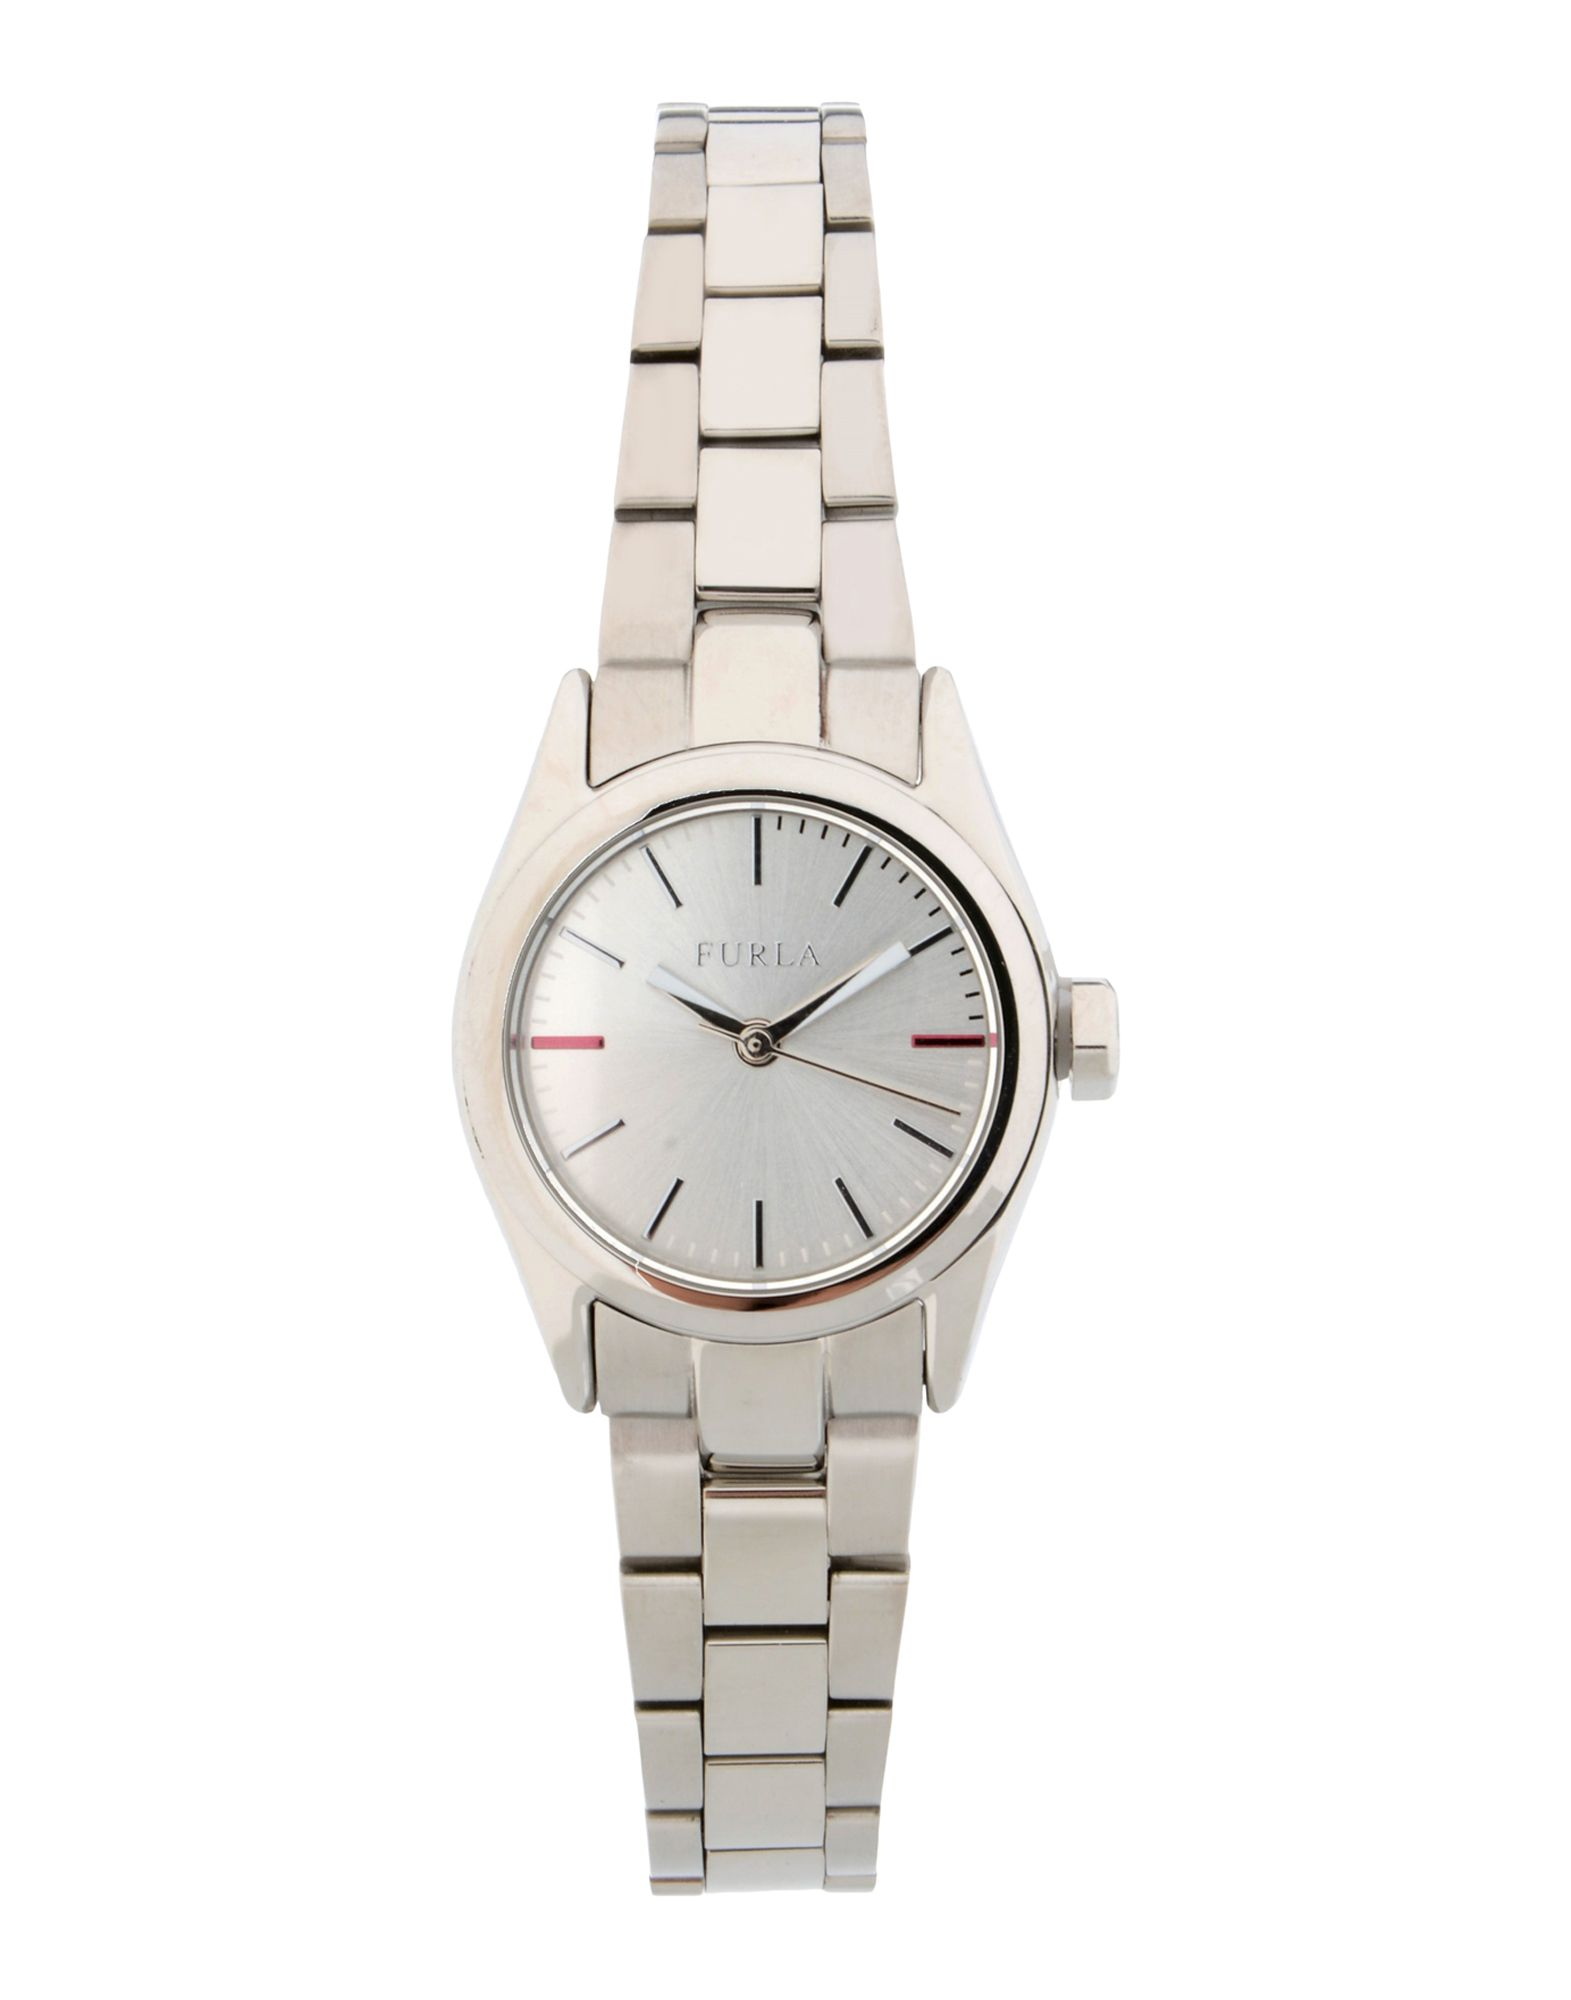 FURLA Наручные часы часы женщины роскошные часы золото стальные женские платья наручные часы relogio feminino